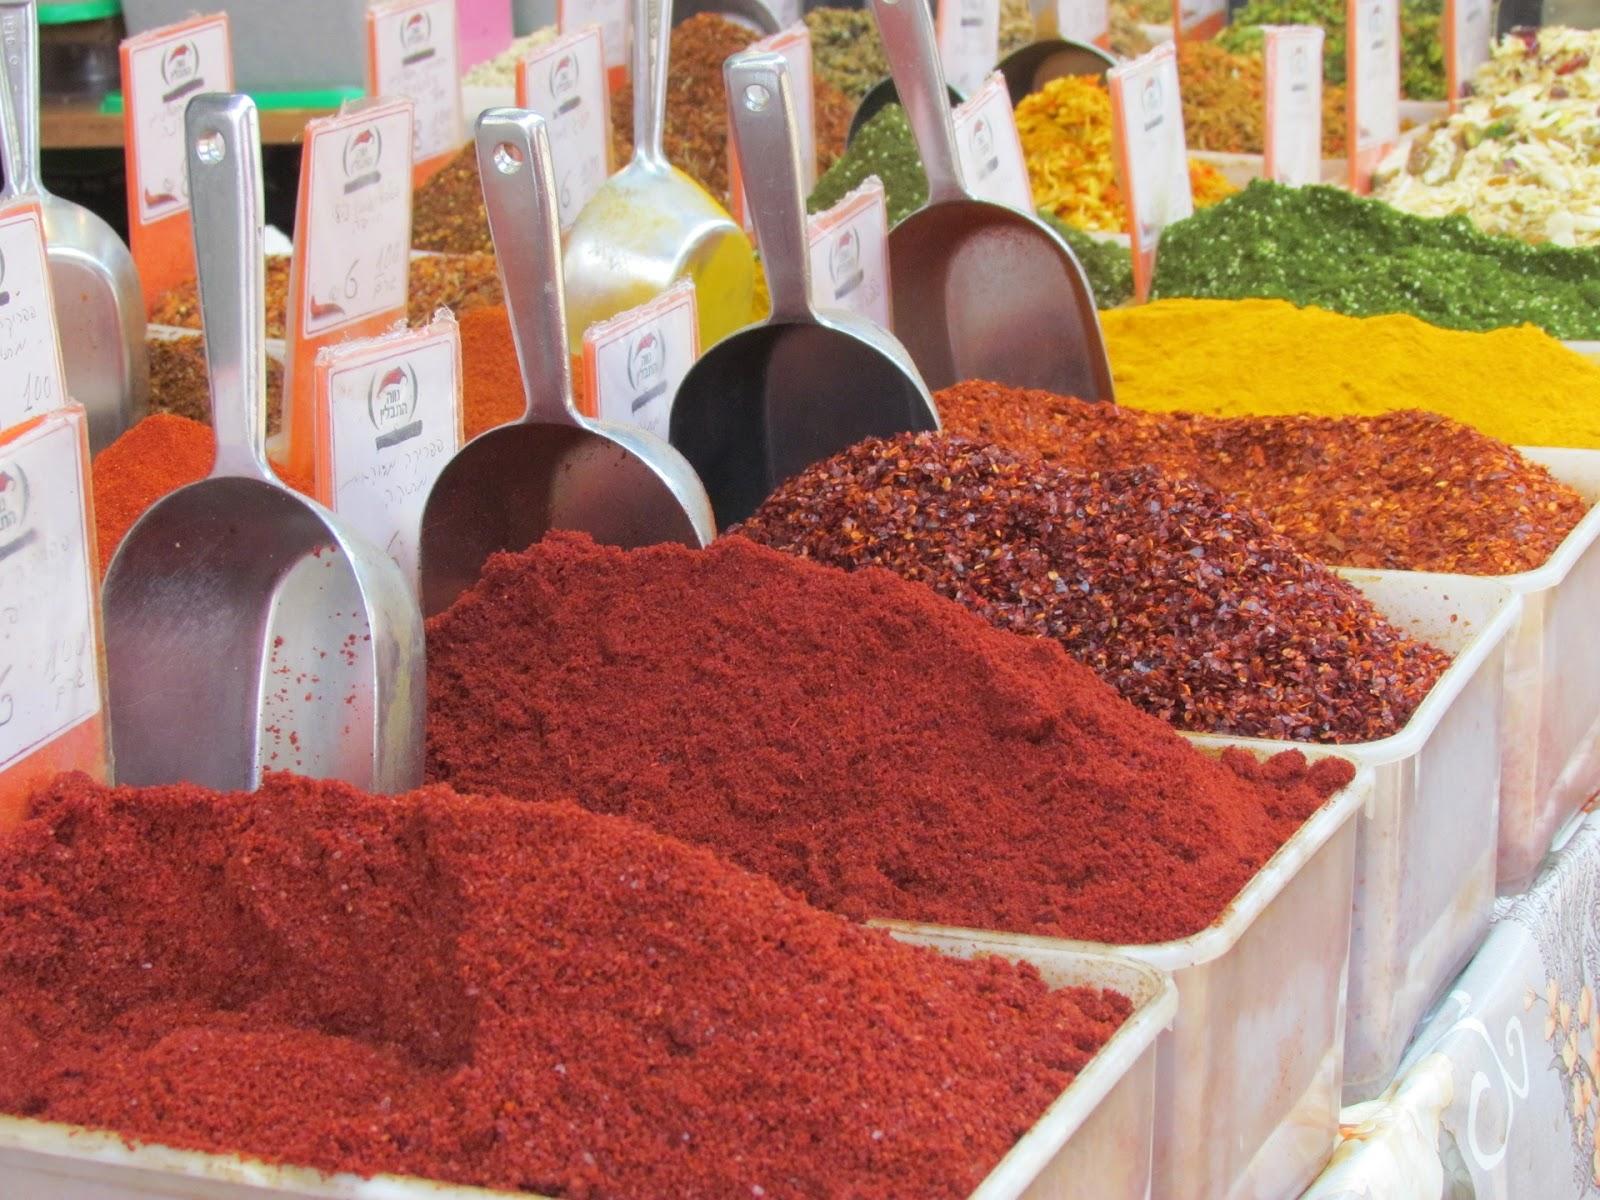 תבלינים במגוון צבעים בתוך קופסאות בשוק